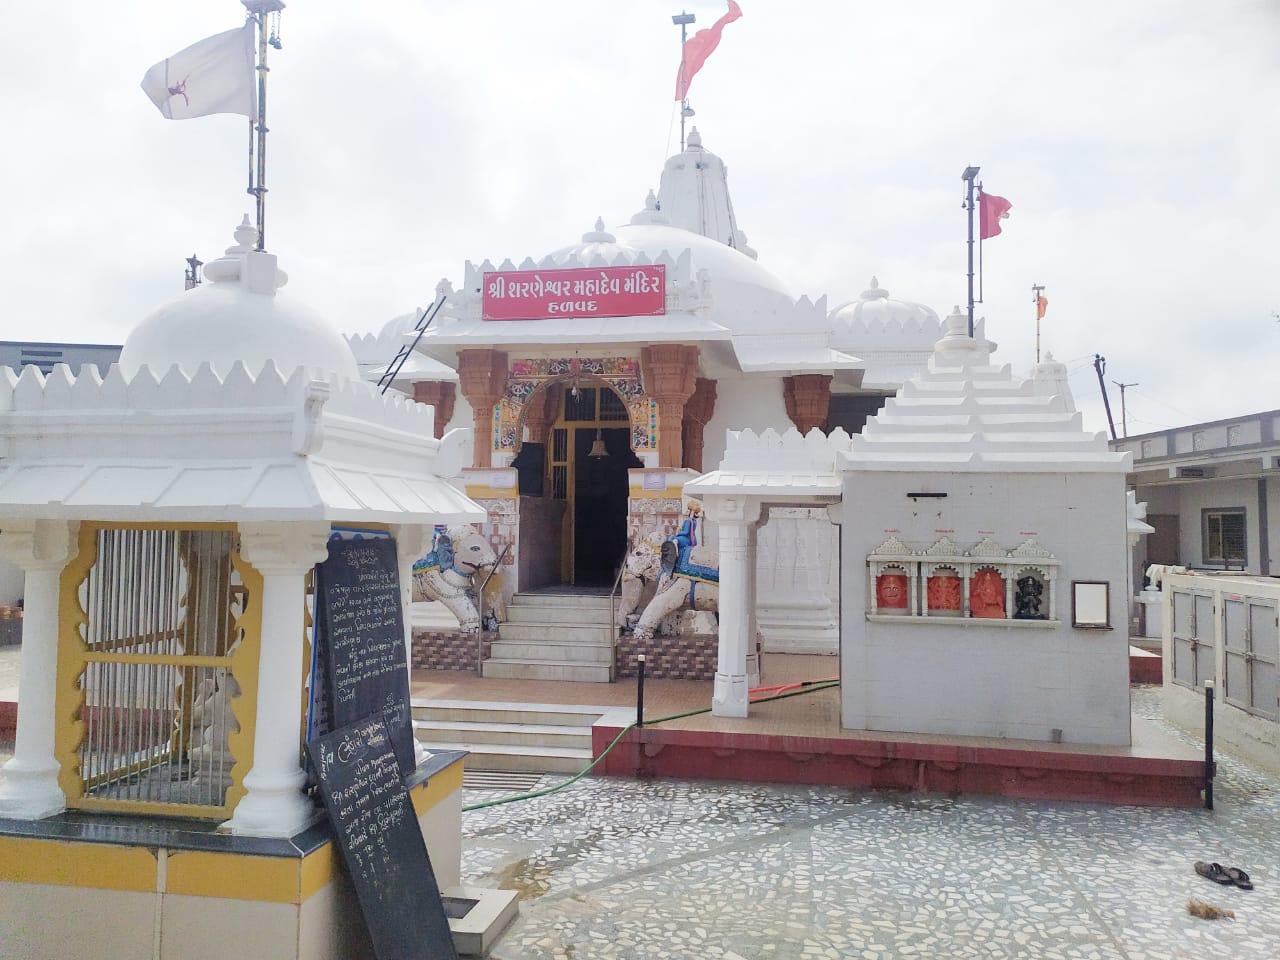 હળવદ ખાતે આવેલા 700 વર્ષ પુરાણા શરણેશ્વર મહાદેવ મંદિરને શુશોભીત કરાયું - Divya Bhaskar